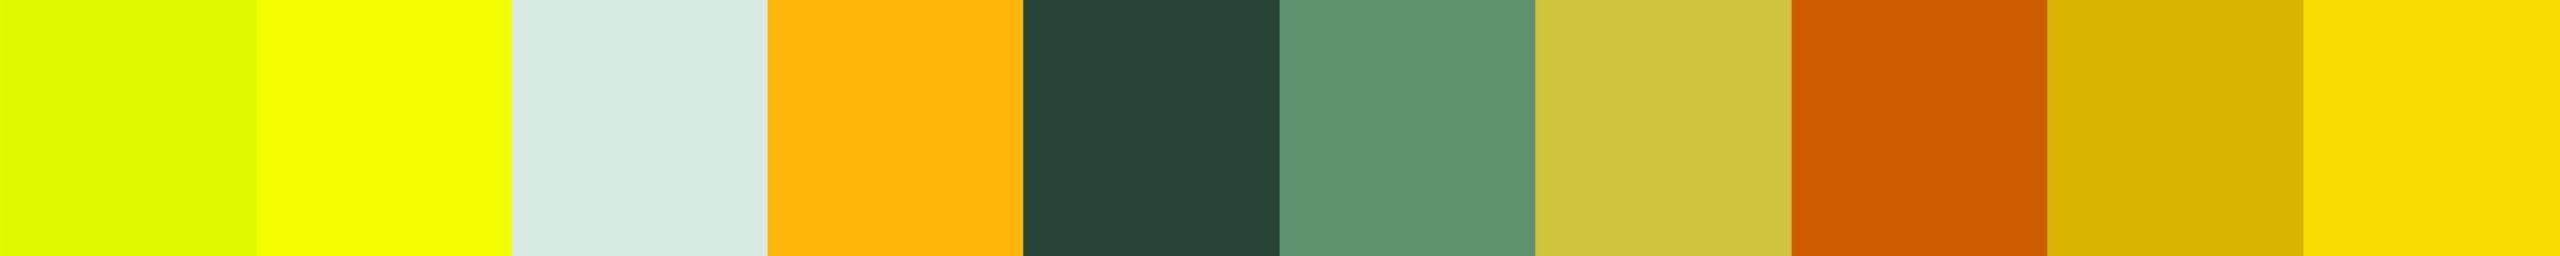 230 Ambelia Color Palette